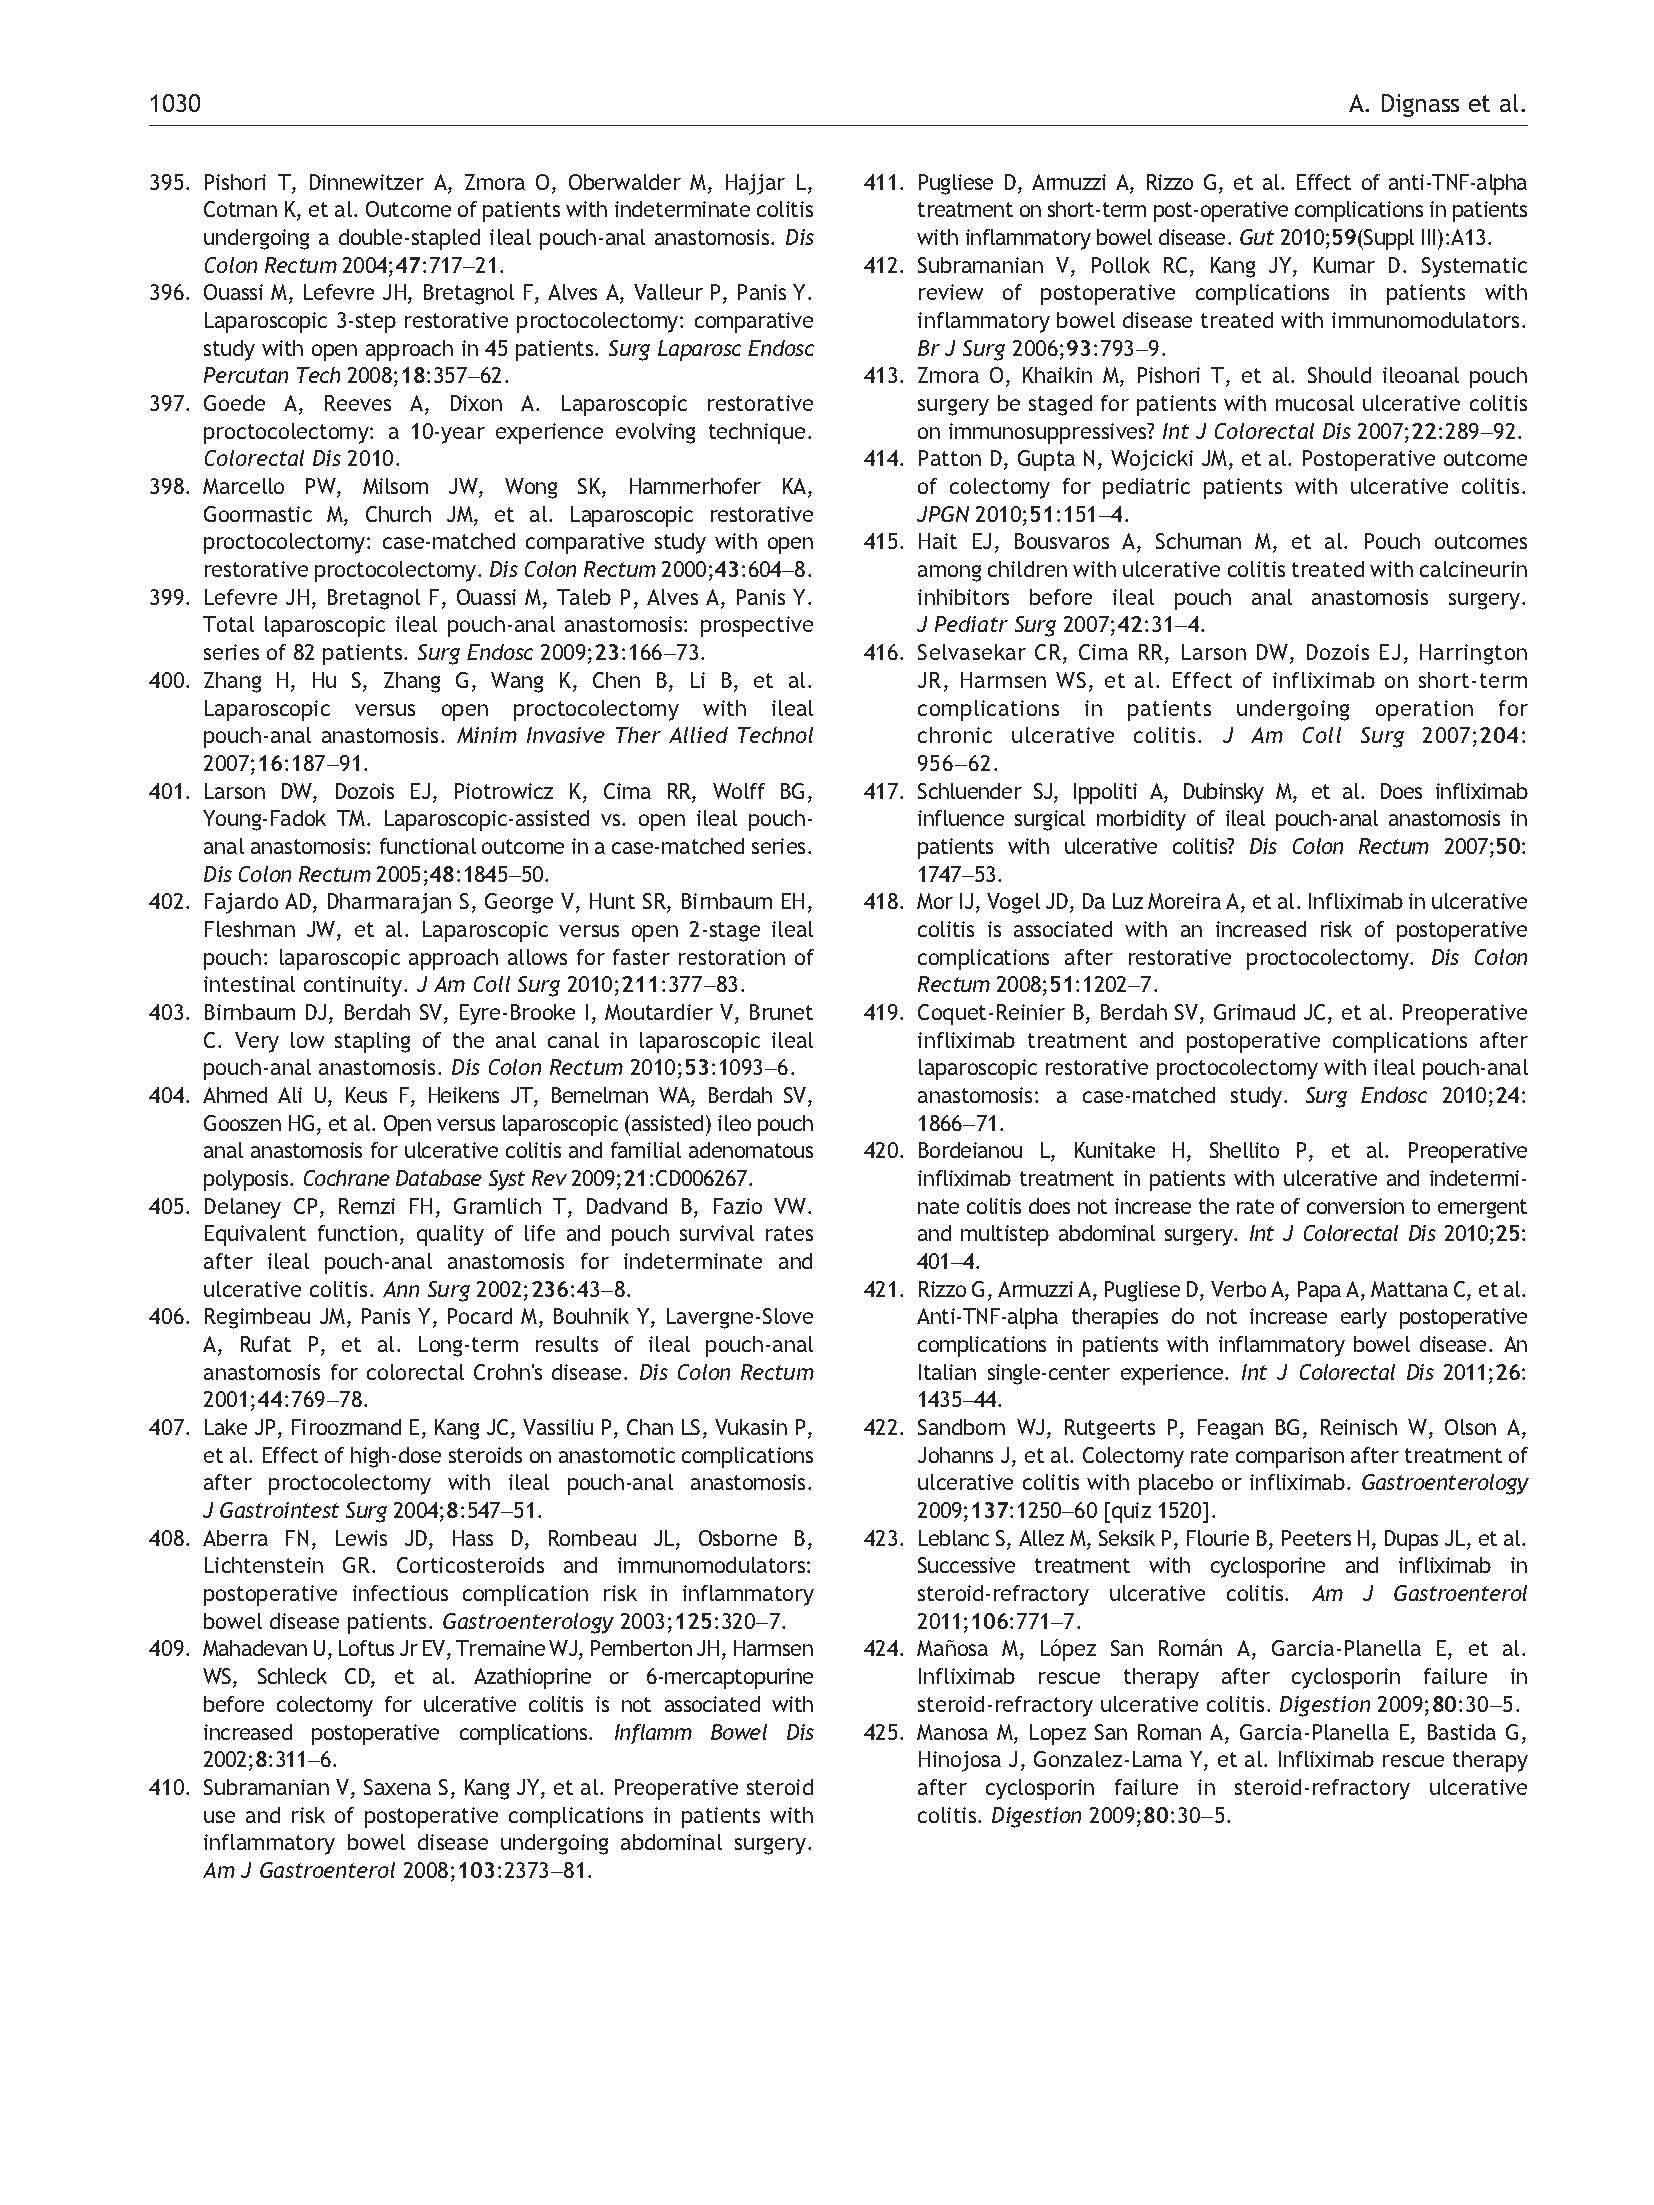 2012-ECCO第二版-欧洲询证共识:溃疡性结肠炎的诊断和处理—日常处理_页面_40.jpg